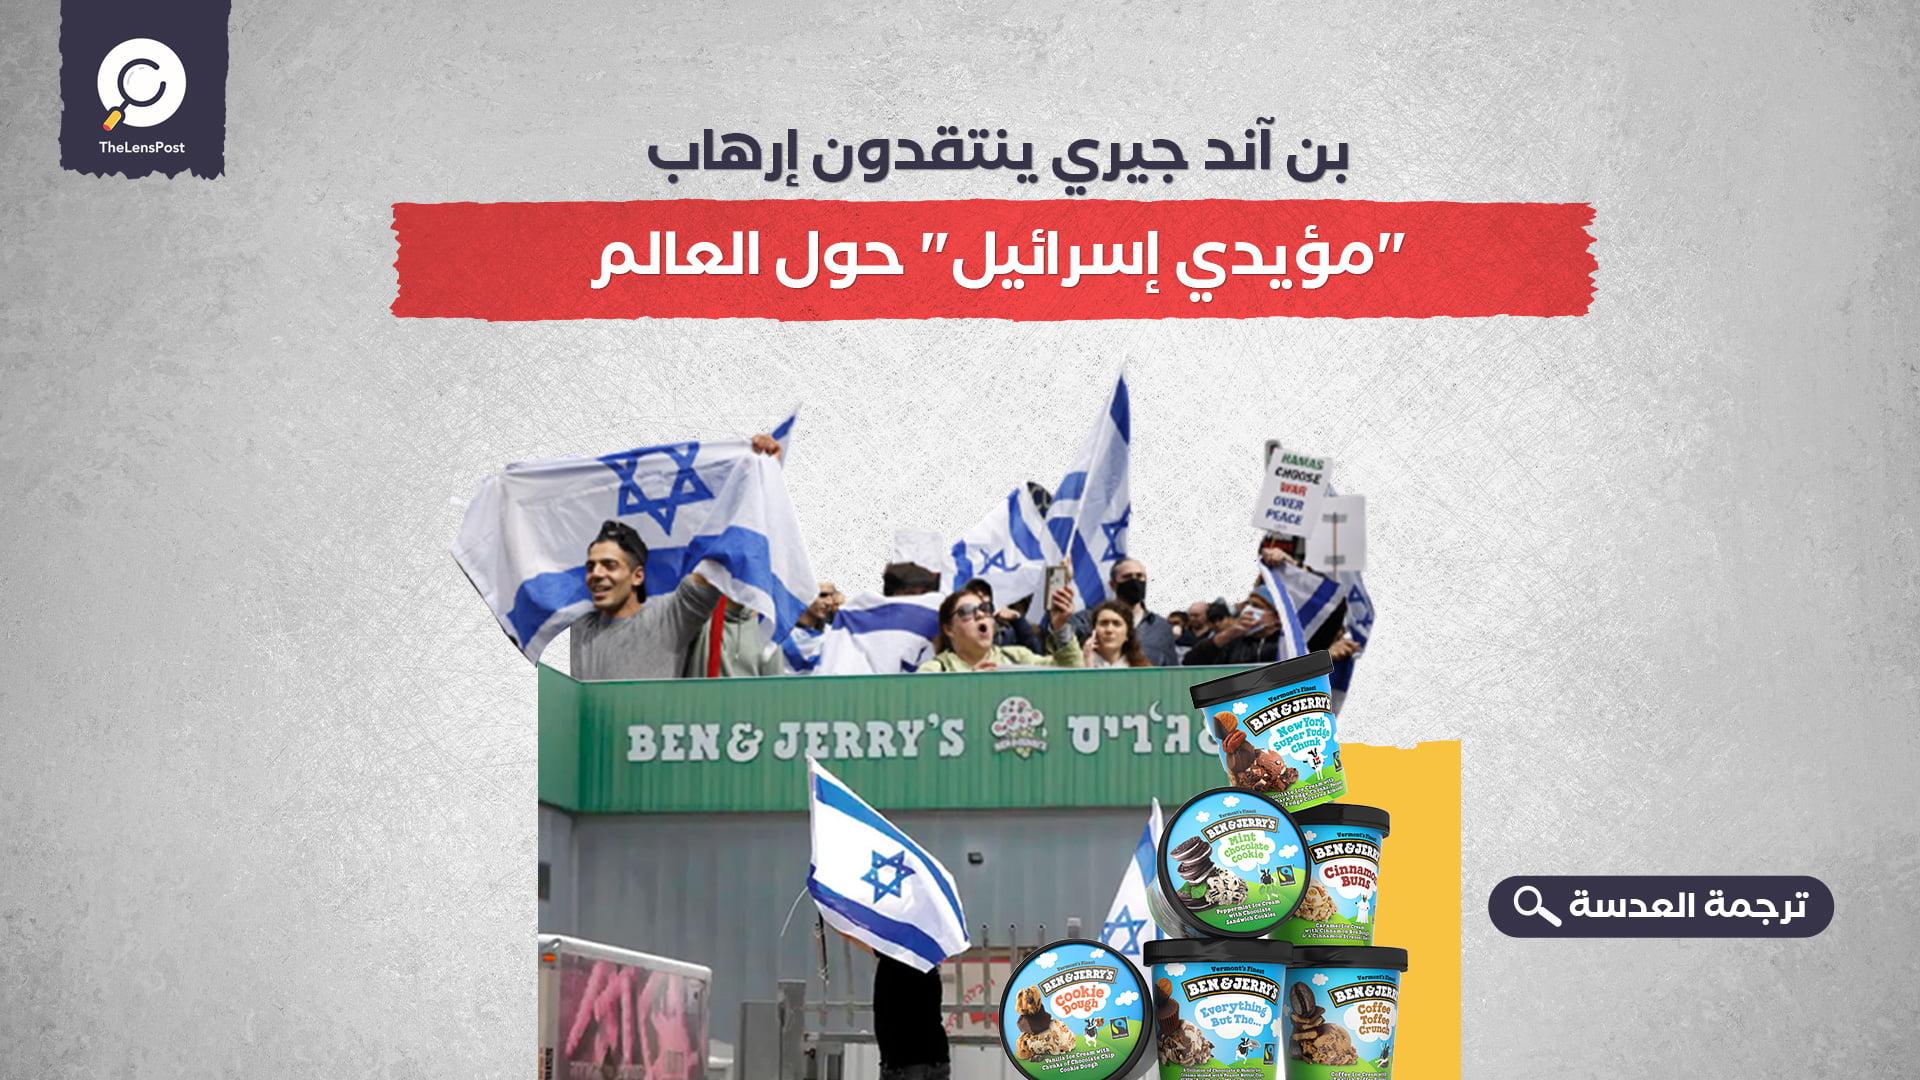 """بن آند جيري ينتقدون إرهاب """"مؤيدي إسرائيل"""" حول العالم"""